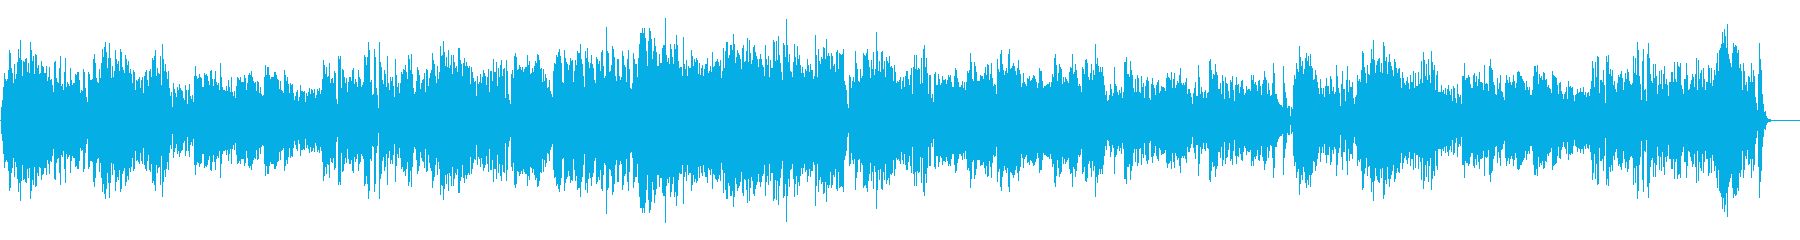 鯵鯖鰯が泳ぐ様をピアノやバイオリンで表現の再生済みの波形